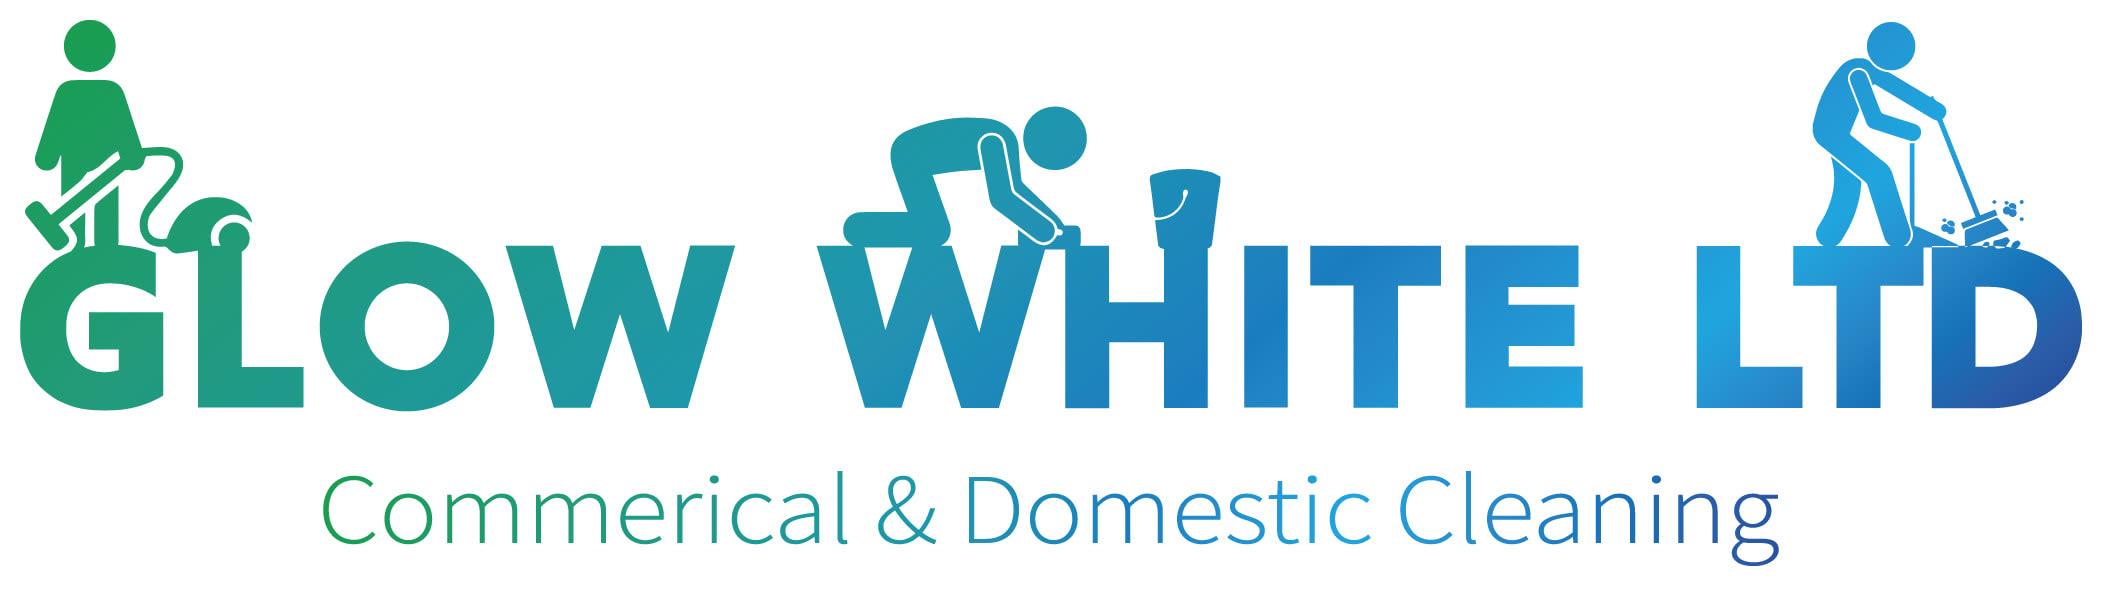 Glow White Ltd